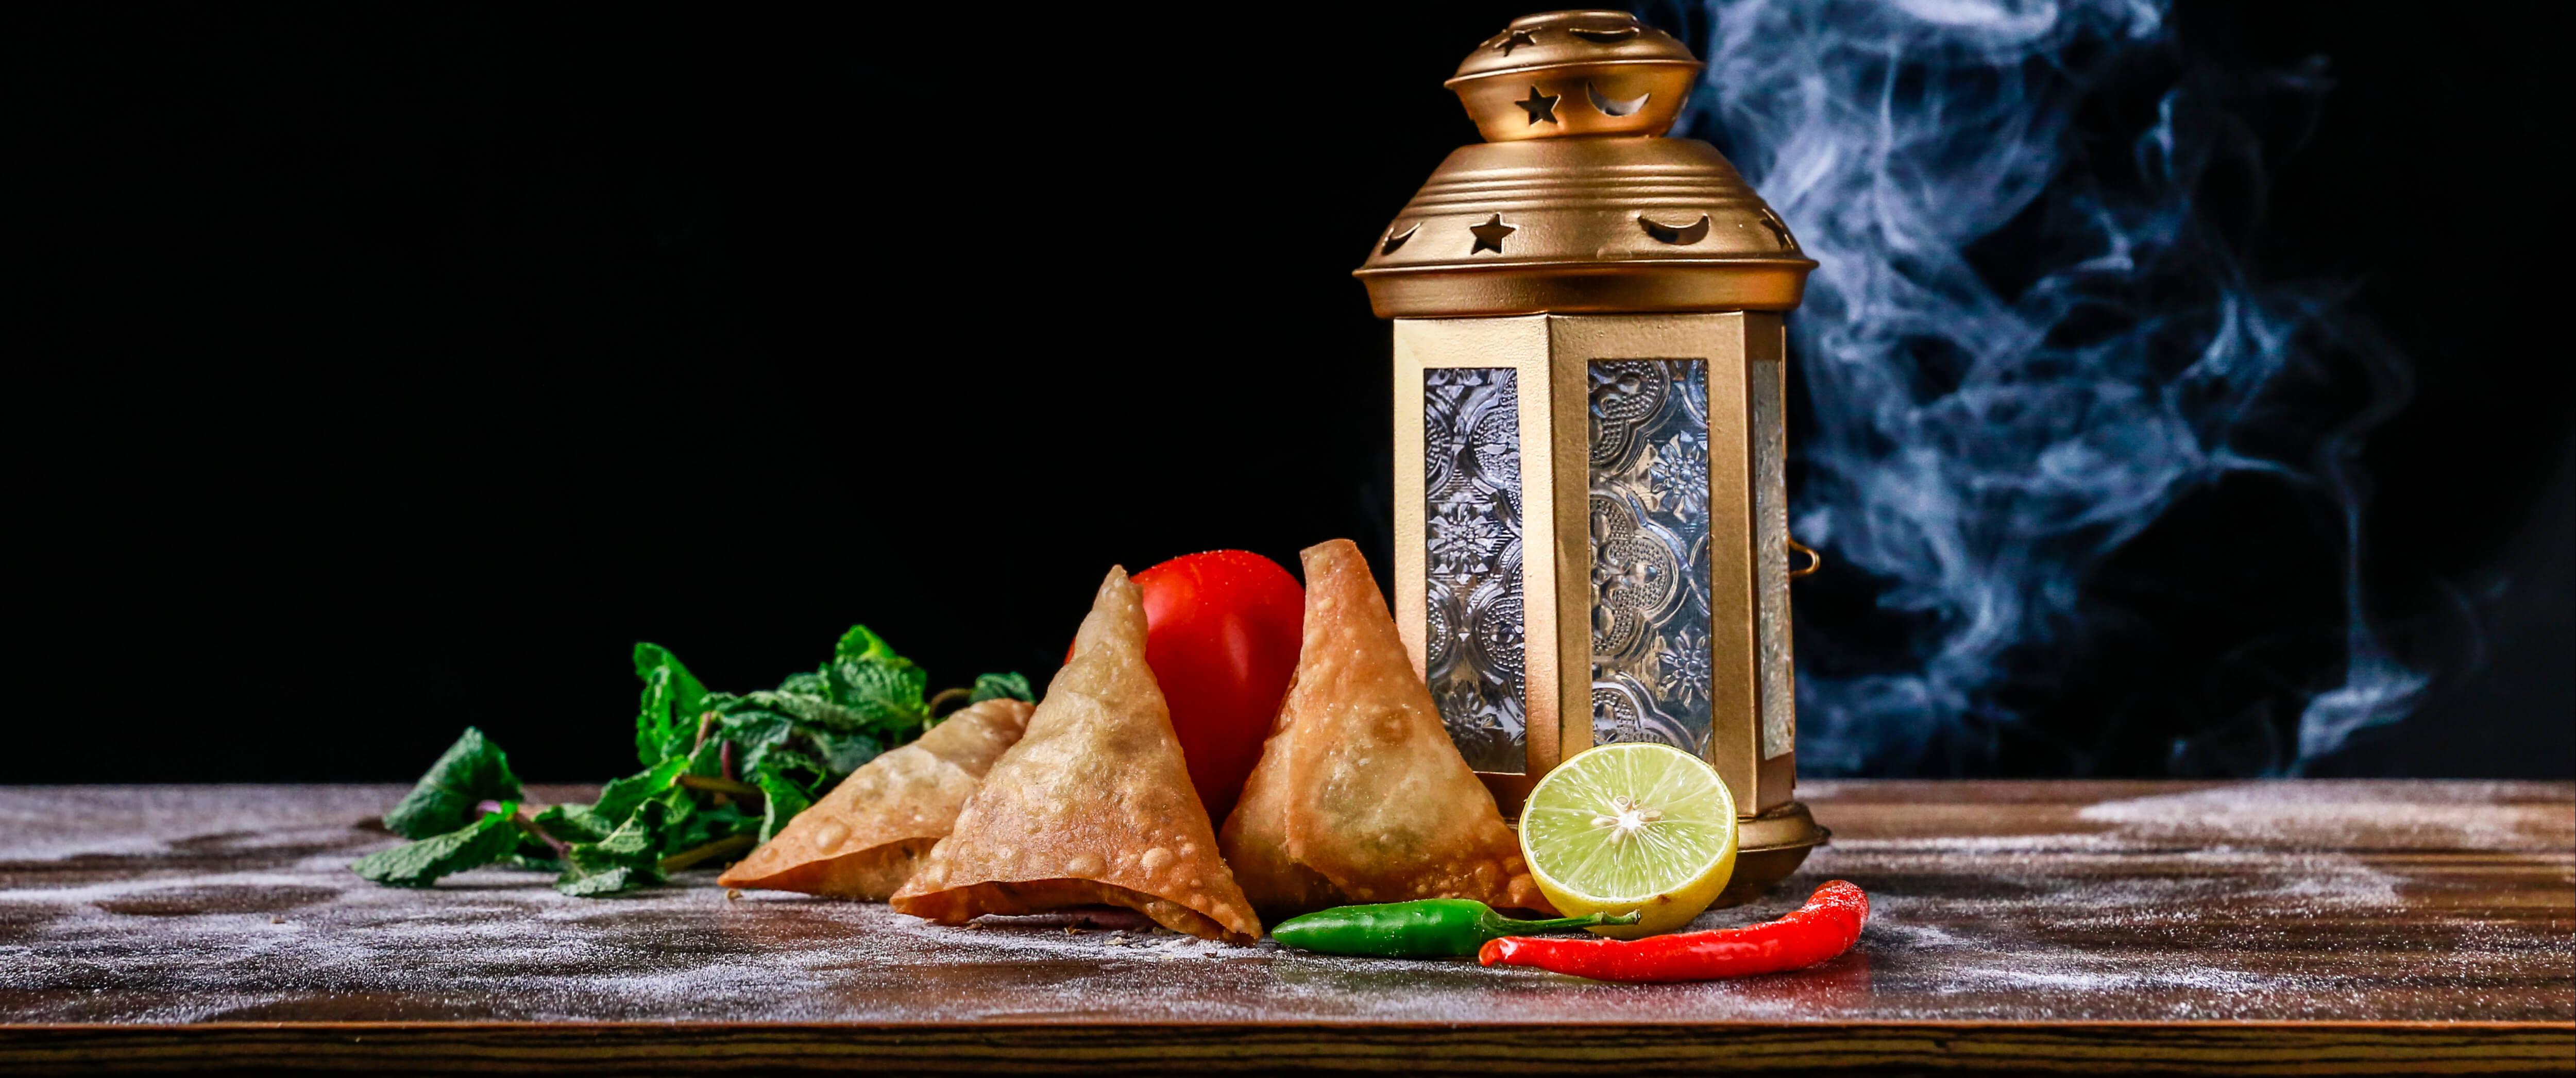 كيف أتجنب الجوع في رمضان